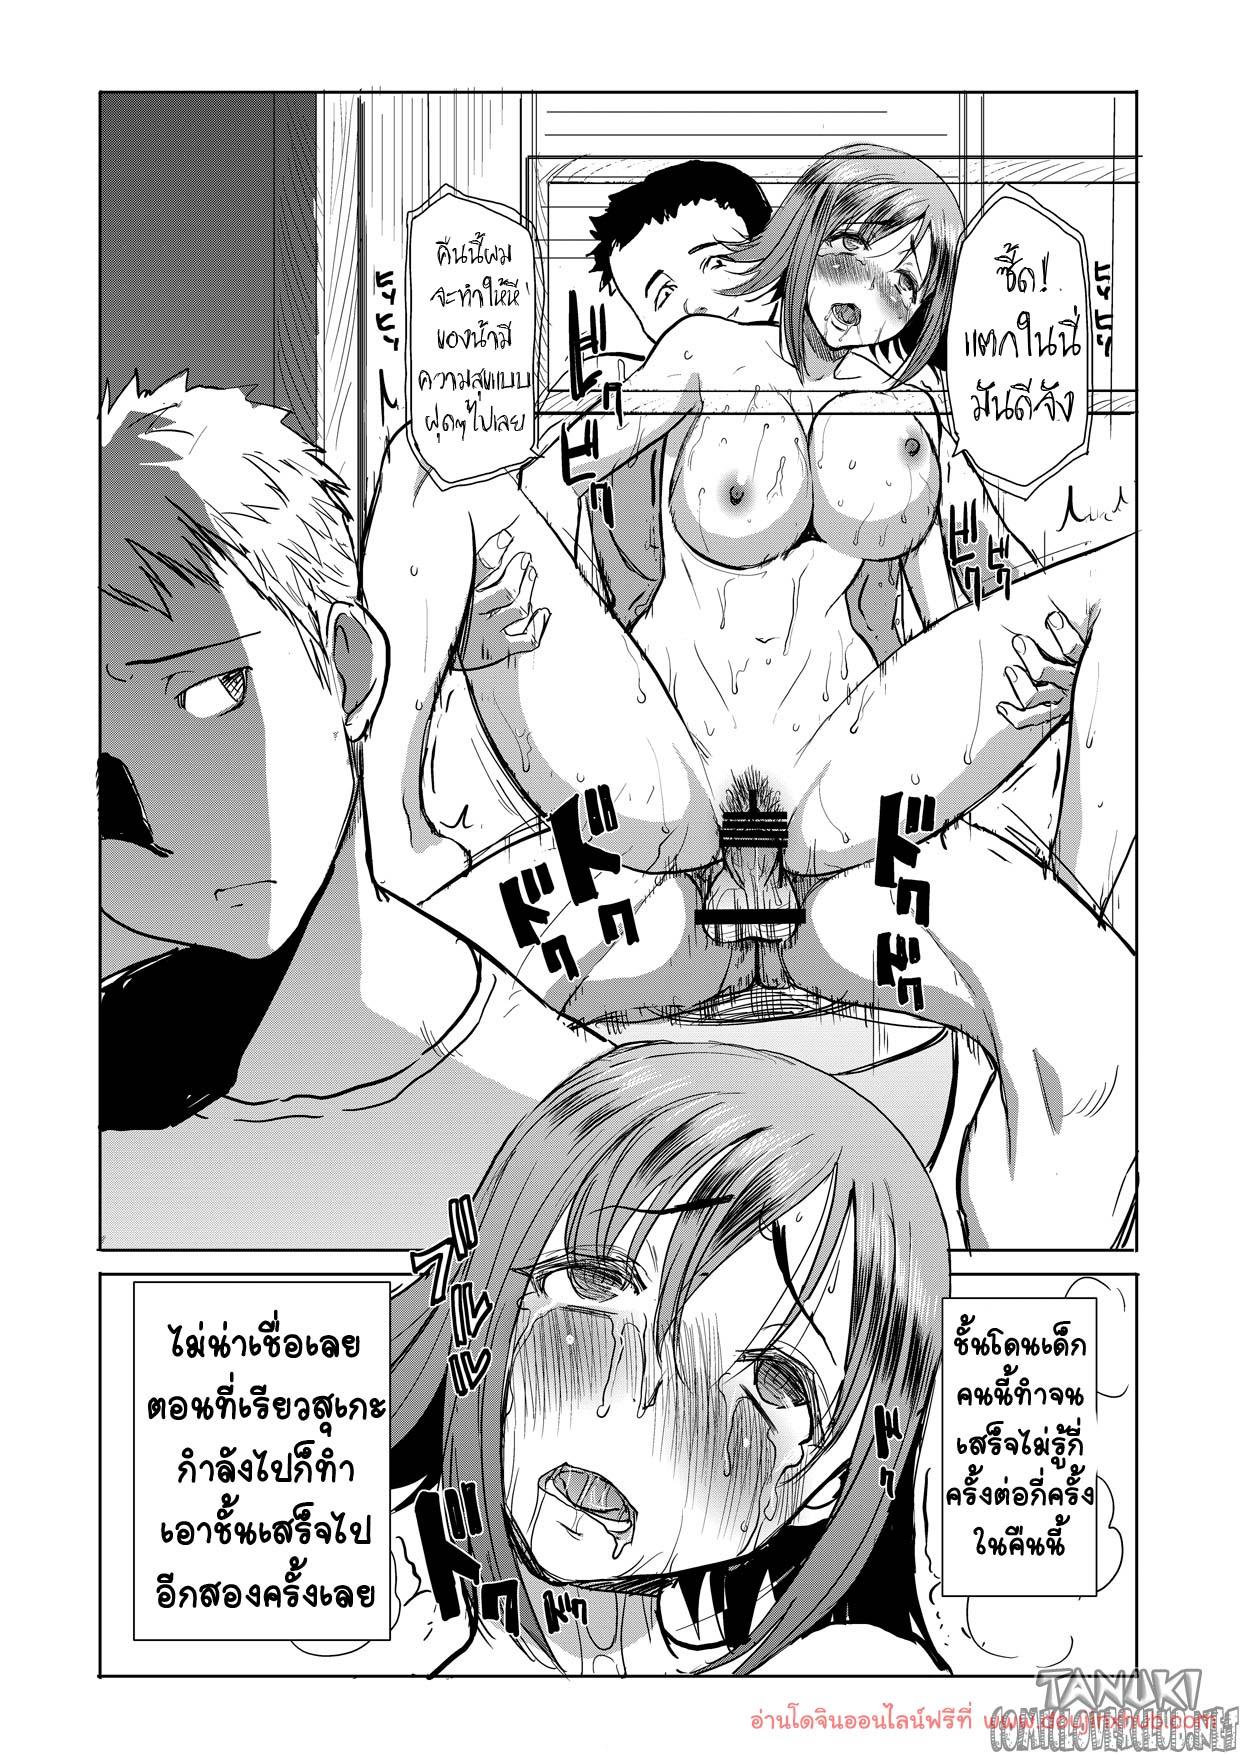 ล่อแม่เพื่อน ในห้องน้ำ-15